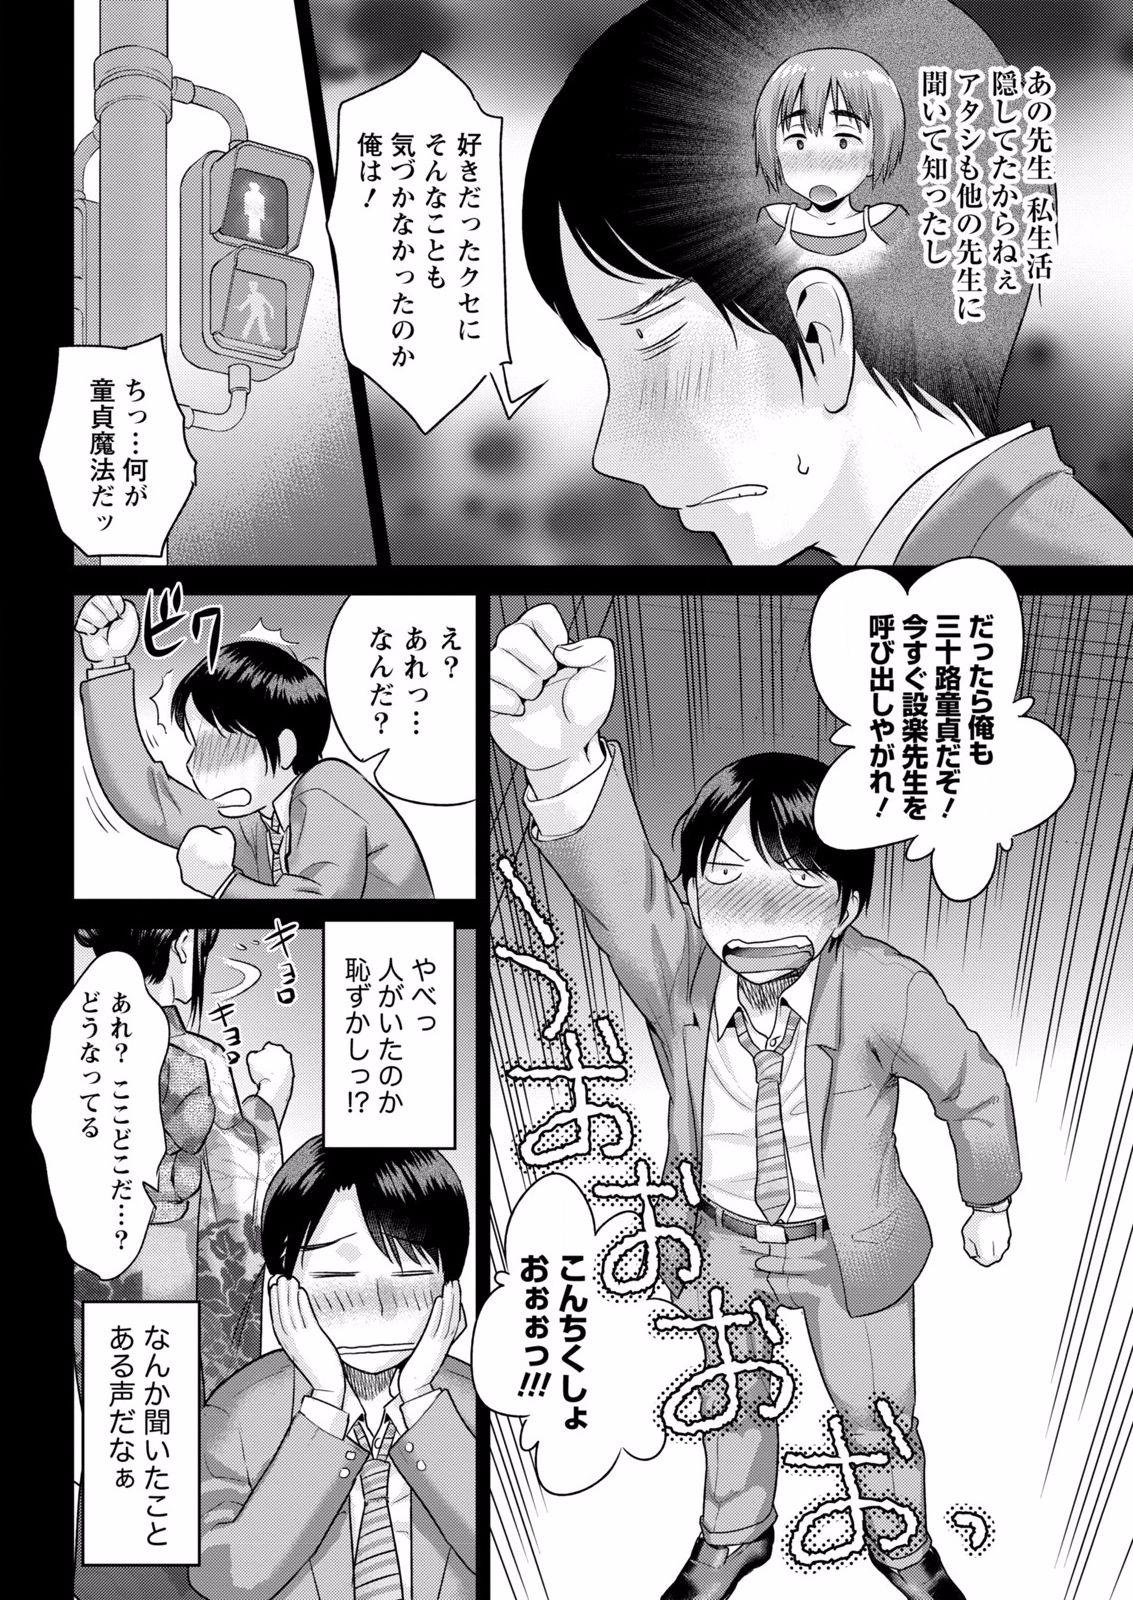 Fushidara Sensei wa Itsumo Nureginu Ch. 1 7